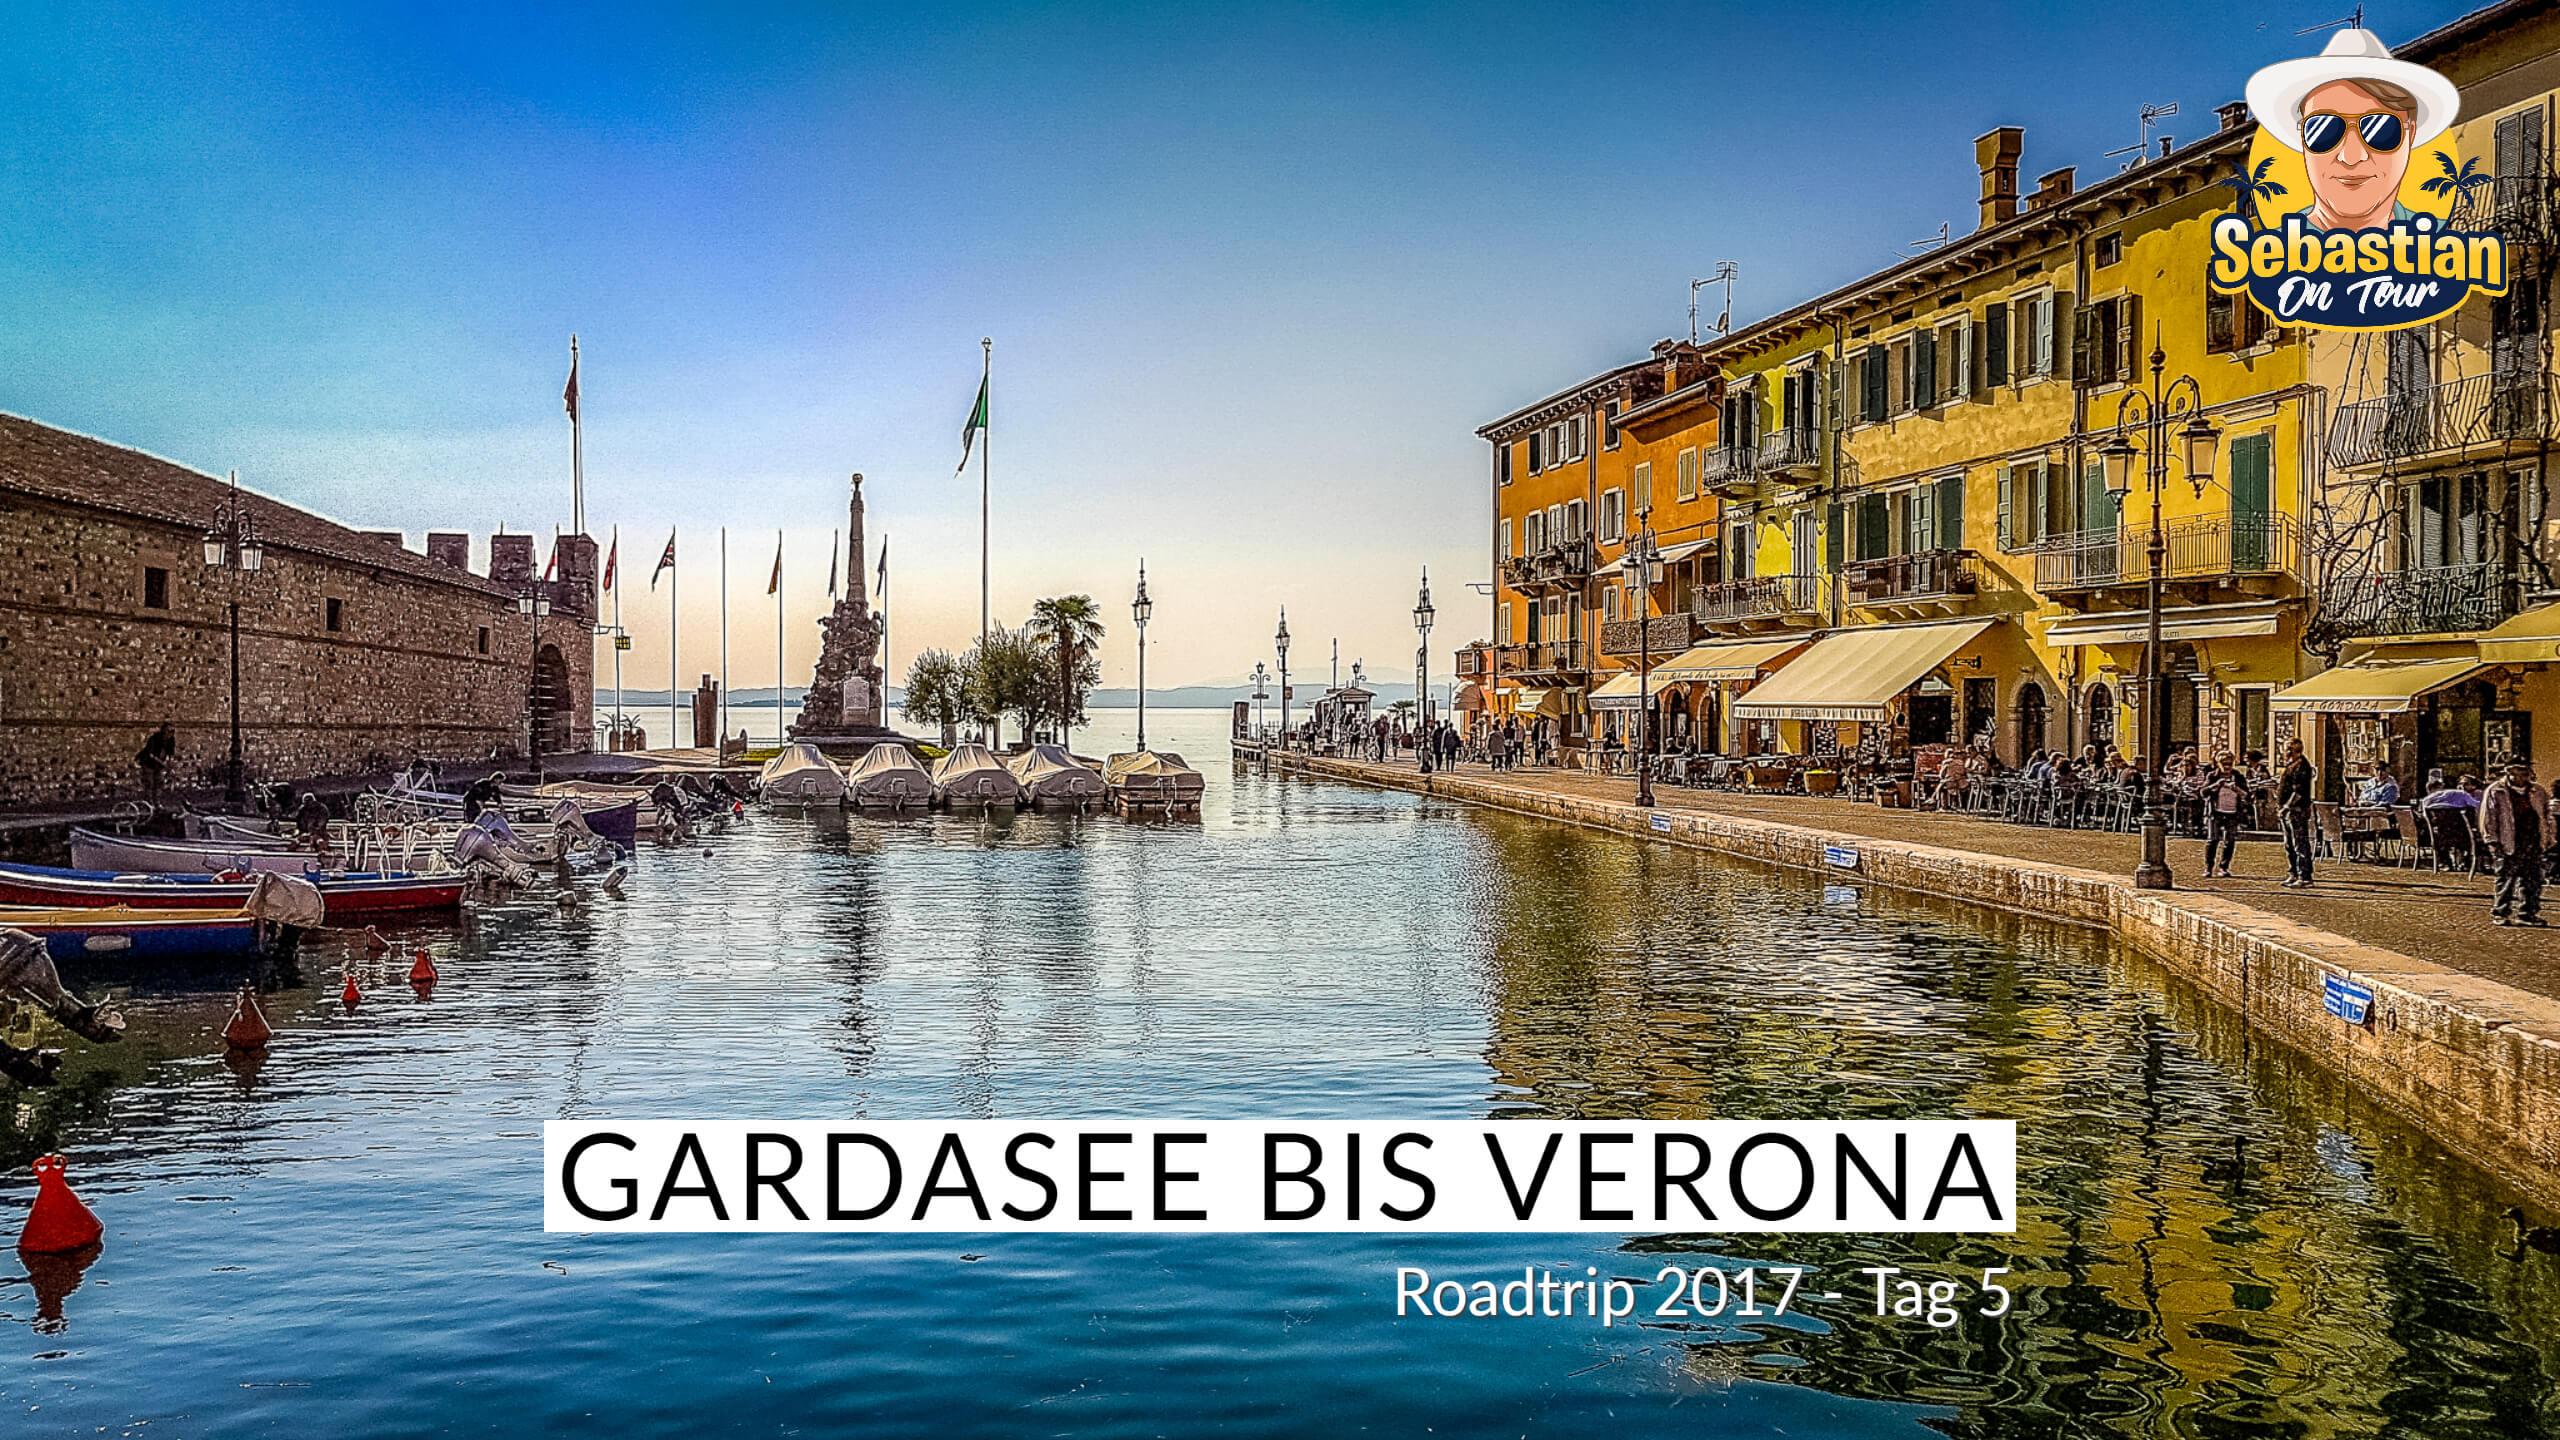 Gardasee bis Verona - Cabrio Tour 2017 - Tag 5